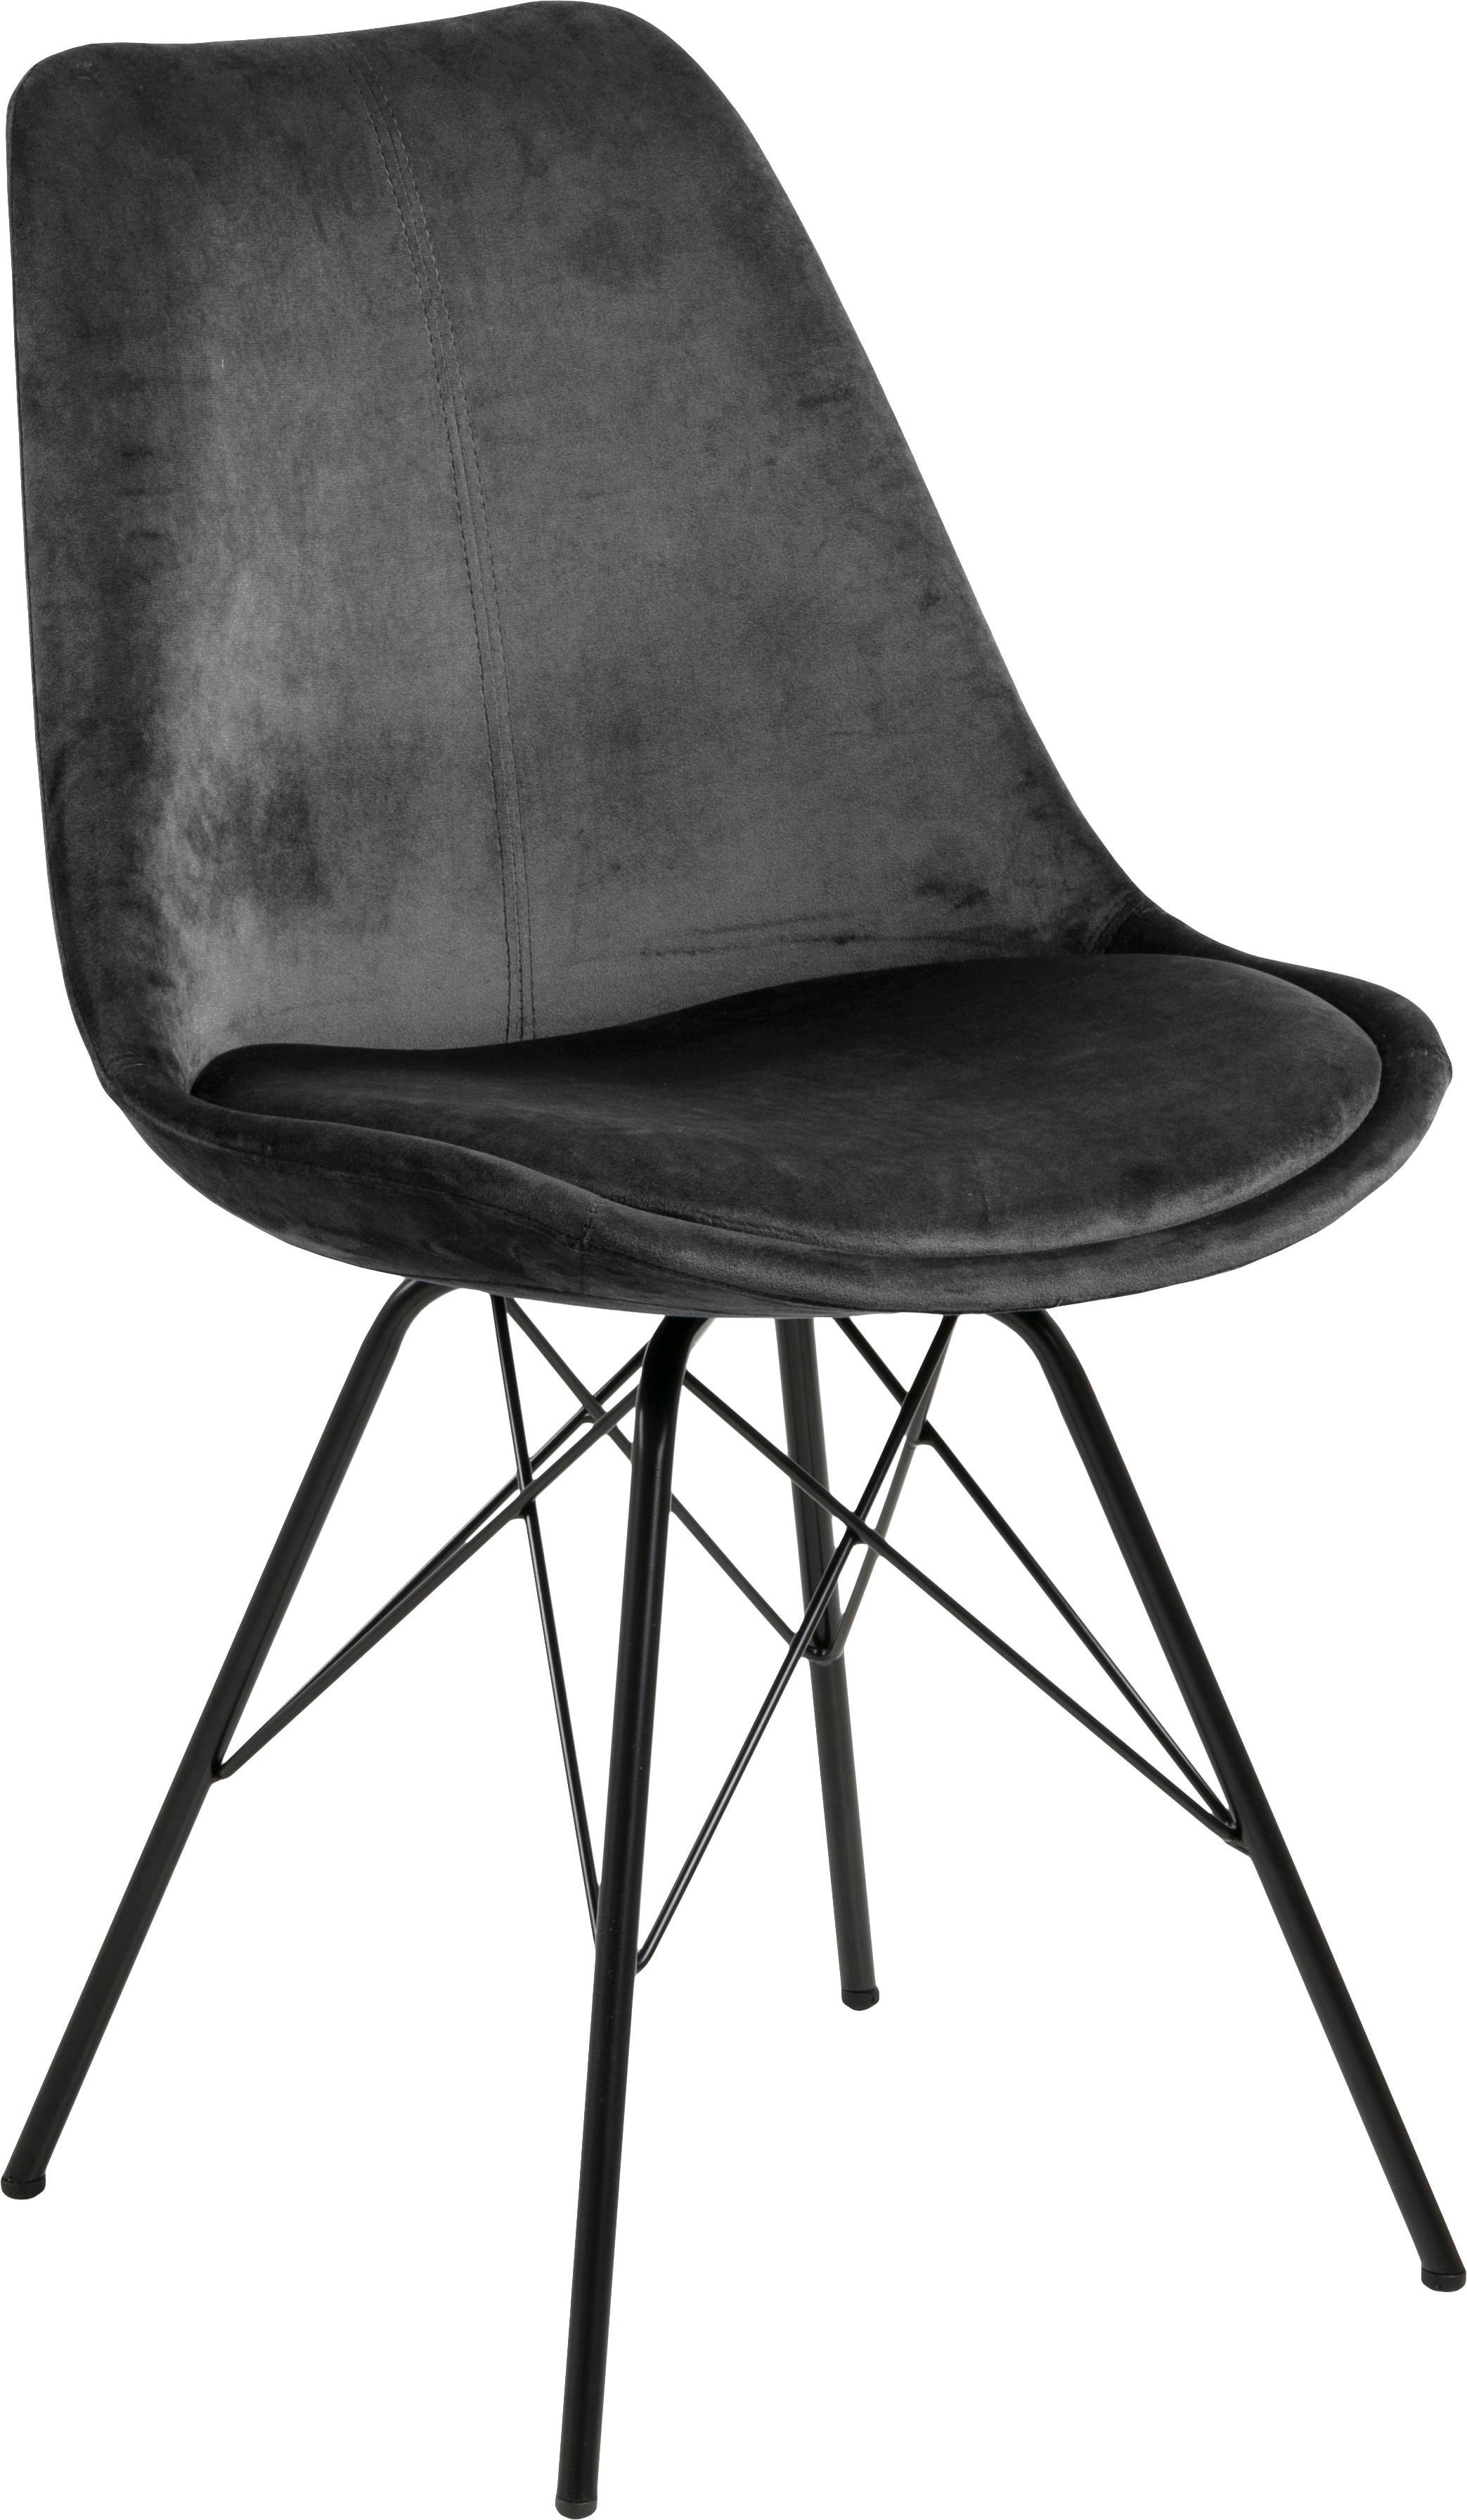 Fluwelen stoel Eris, Polyester fluweel, metaal, Donkergrijs, zwart, B 49 x D 54 cm